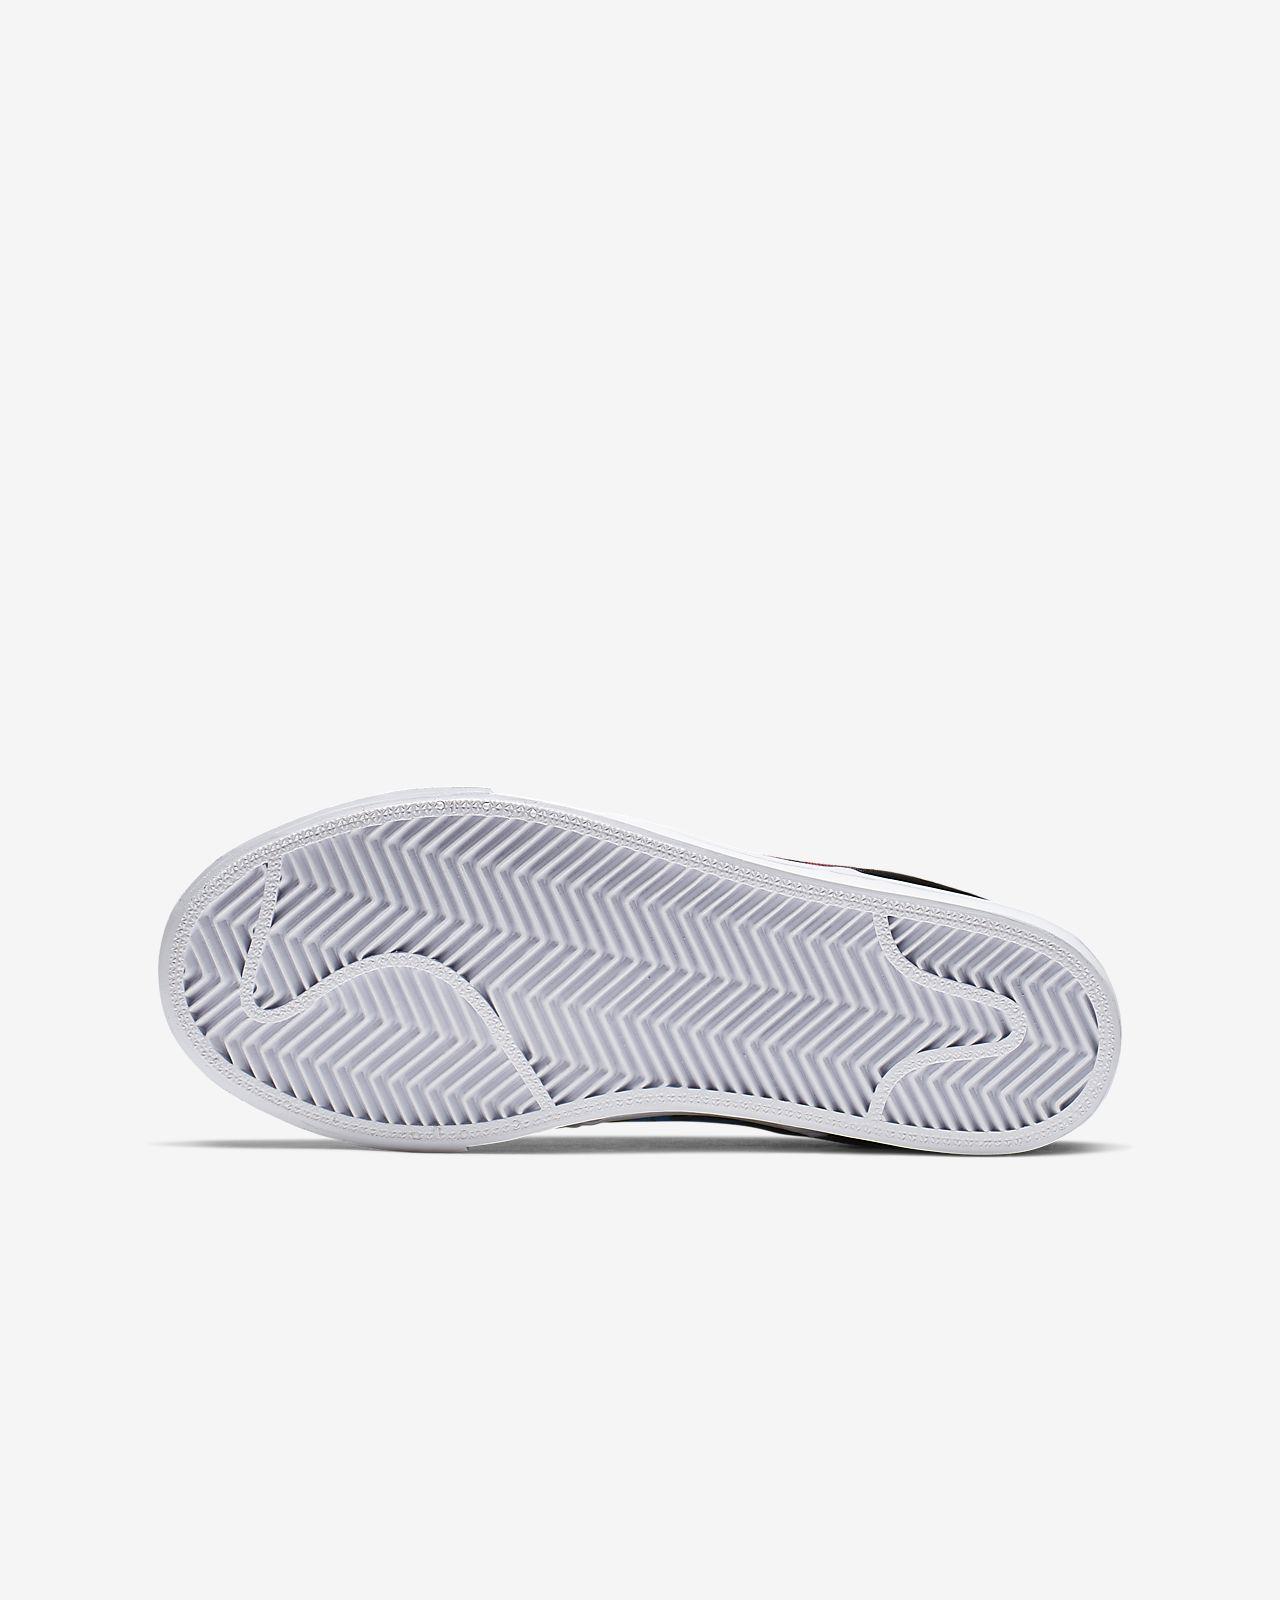 108ae1e4e4 ... Nike SB Stefan Janoski Tie-Dye gördeszkás cipő nagyobb gyerekeknek